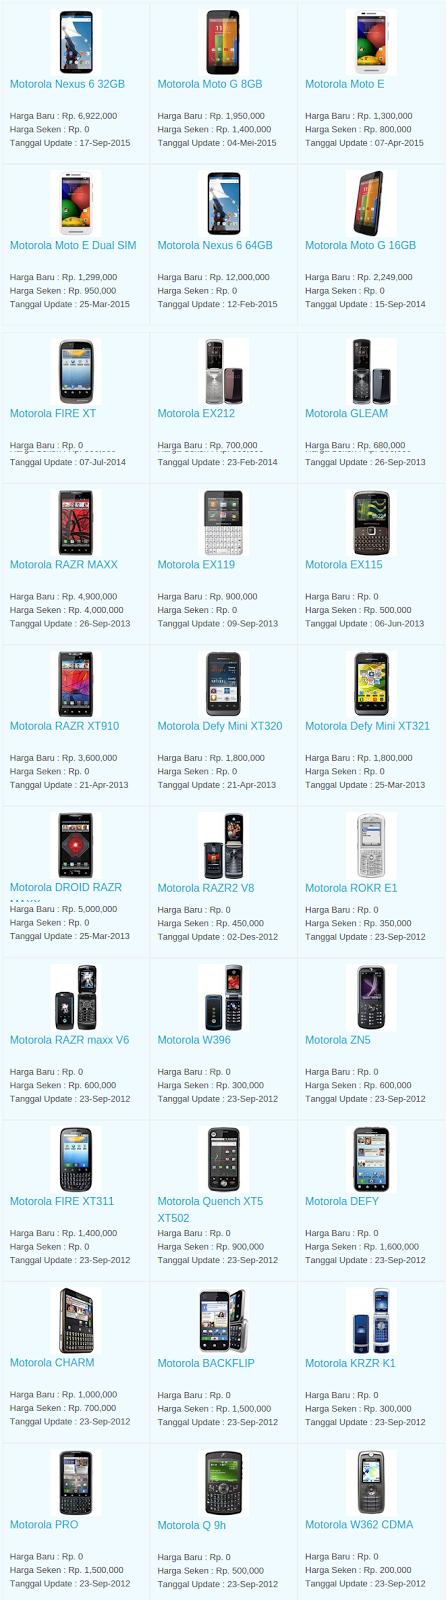 Daftar Terbaru Harga Hp Motorola Oktober 2015